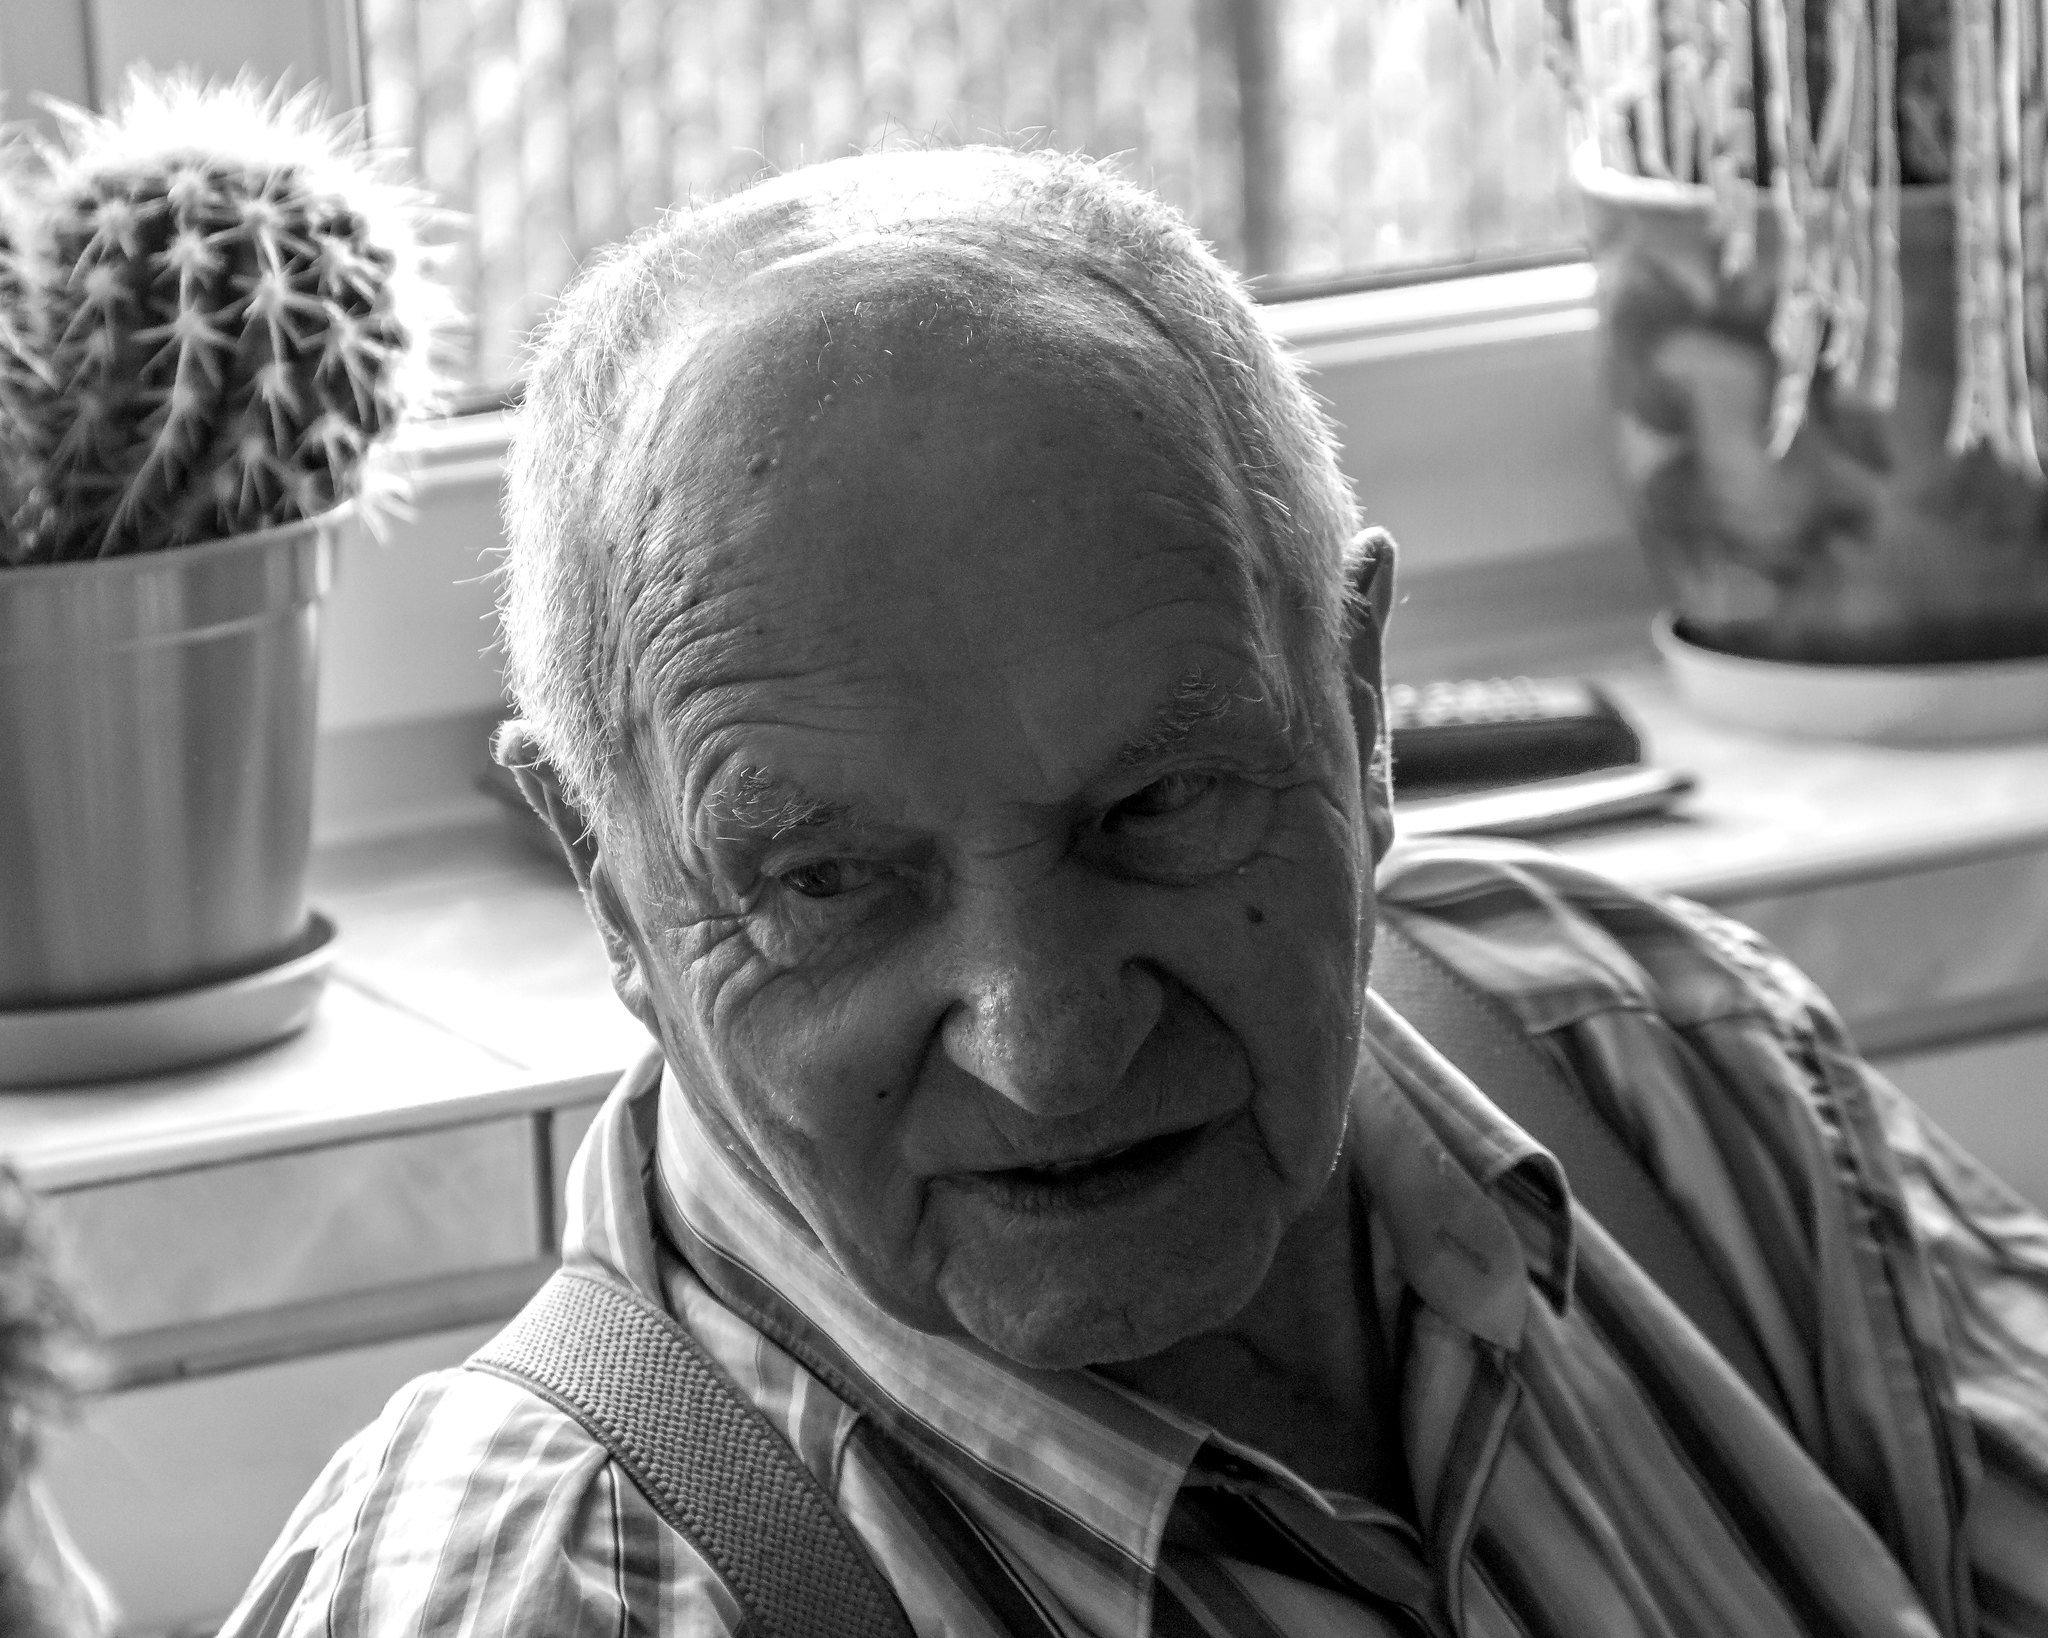 A grandfather | Photo: Flickr.com